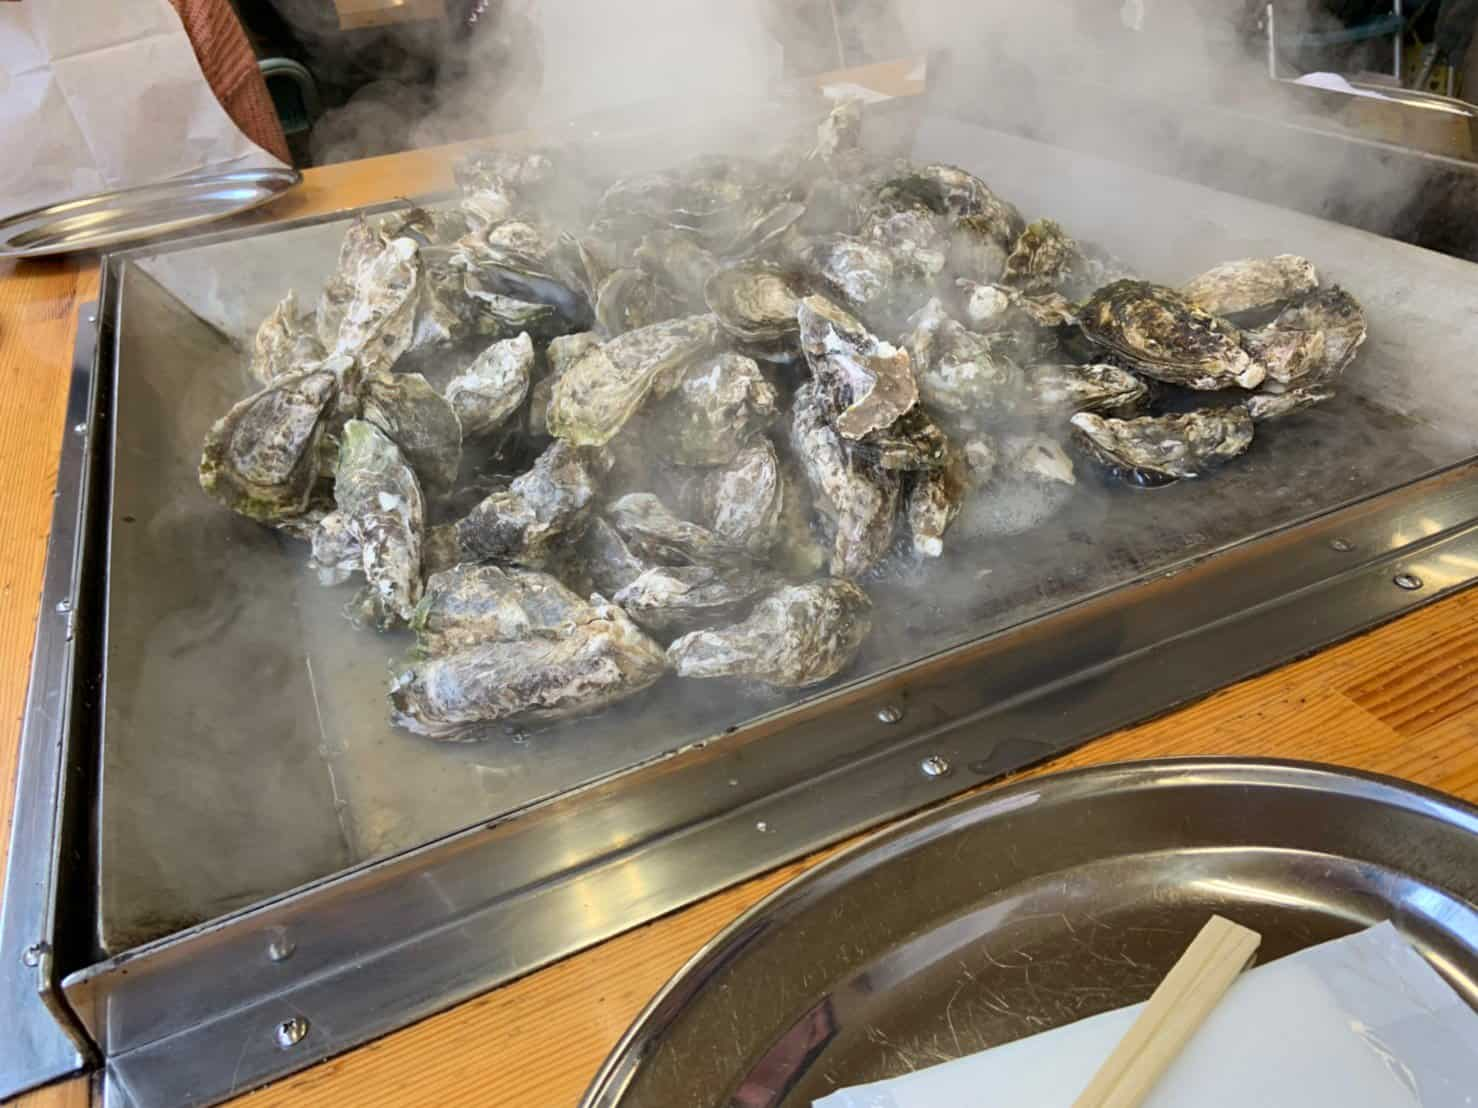 บุฟเฟ่ต์หอยนางรมย่าง จากร้าน Matsushima Tourism Association Oyster Shacks เมืองมัตสึชิิมะ